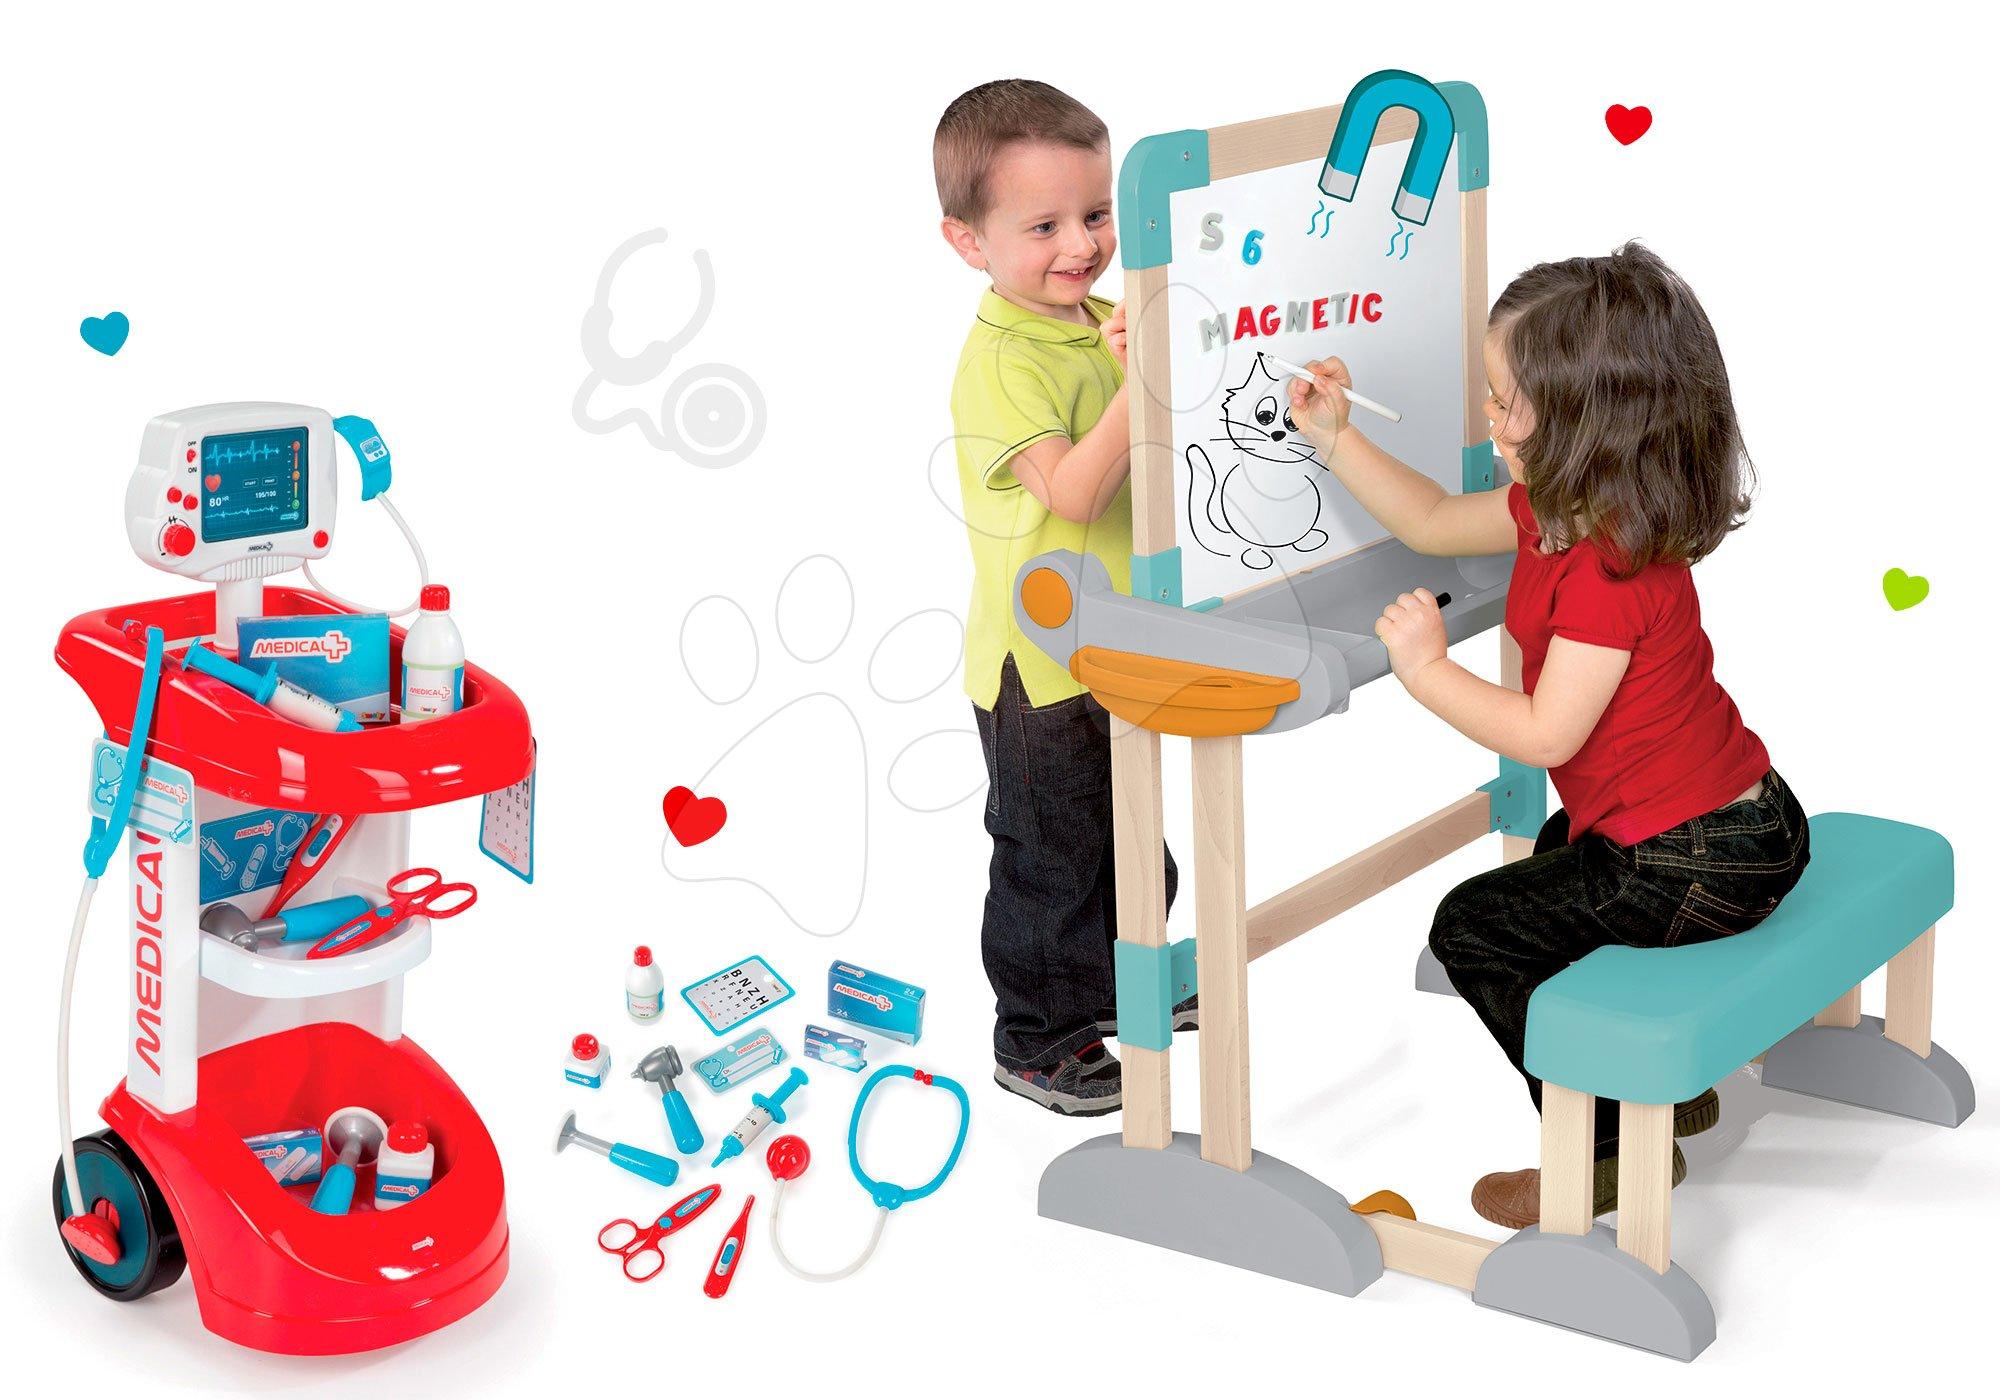 Smoby set lékařský vozík s tlakoměrem a dřevěná školní lavice s tabulí 24475-5